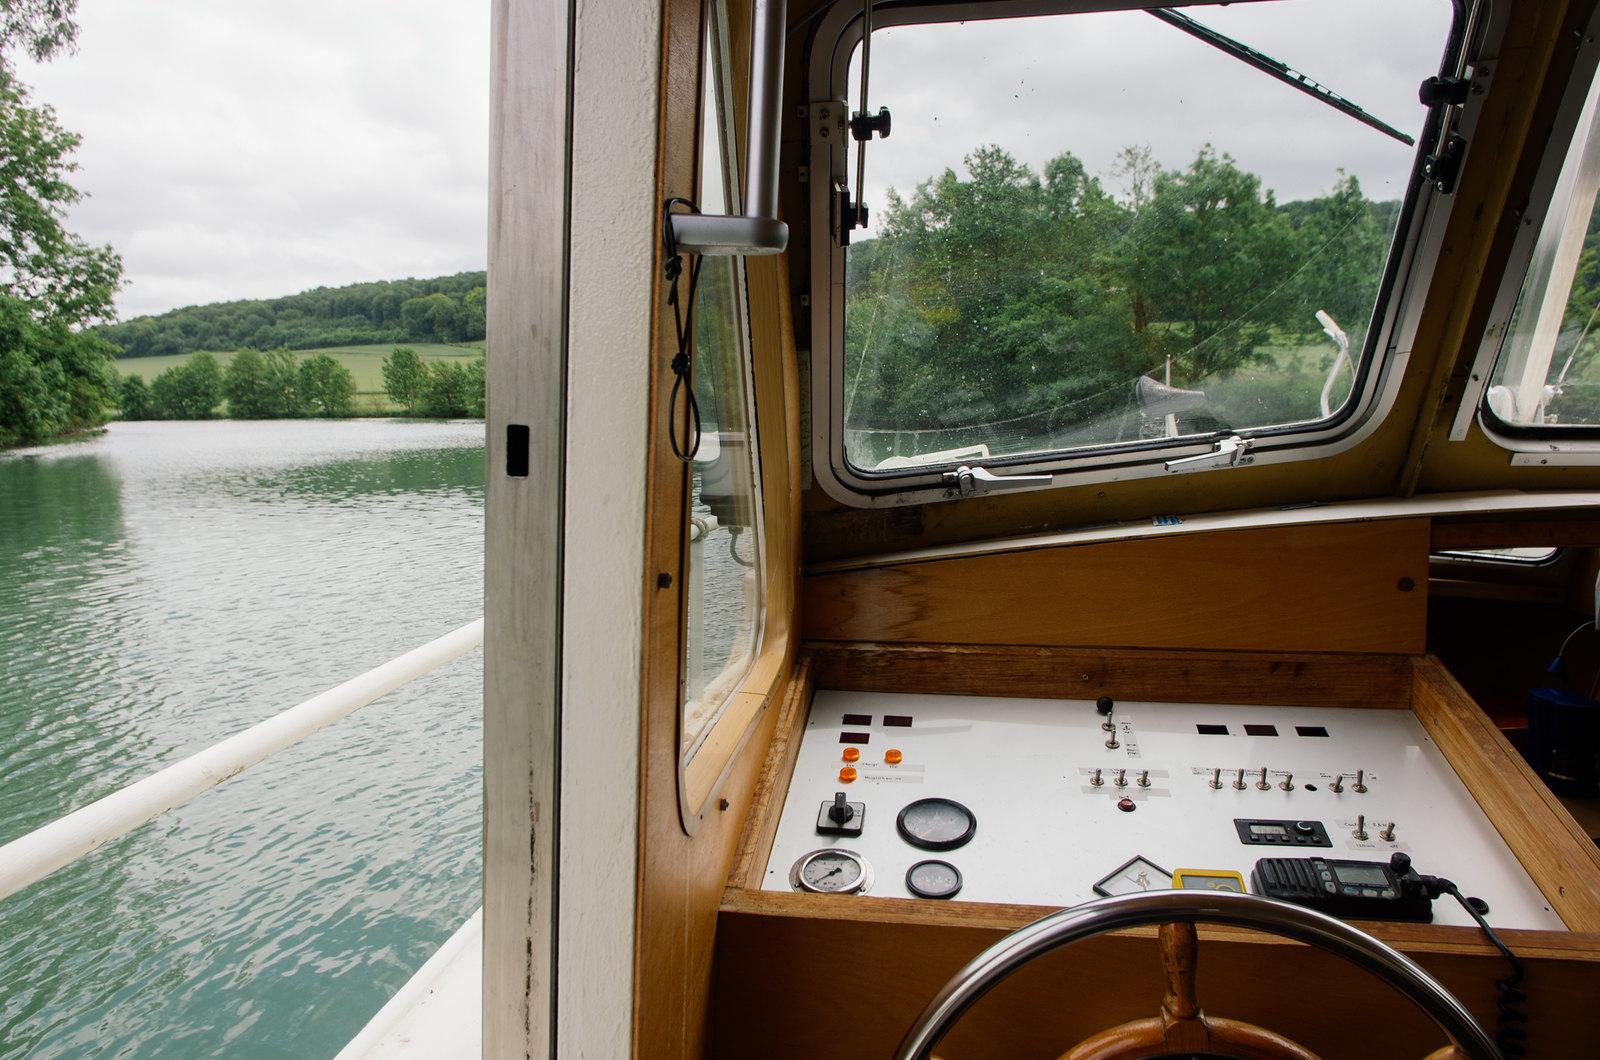 Tourisme vert en Meuse - de la Meuse à l'Argonne - Cap sur Stenay